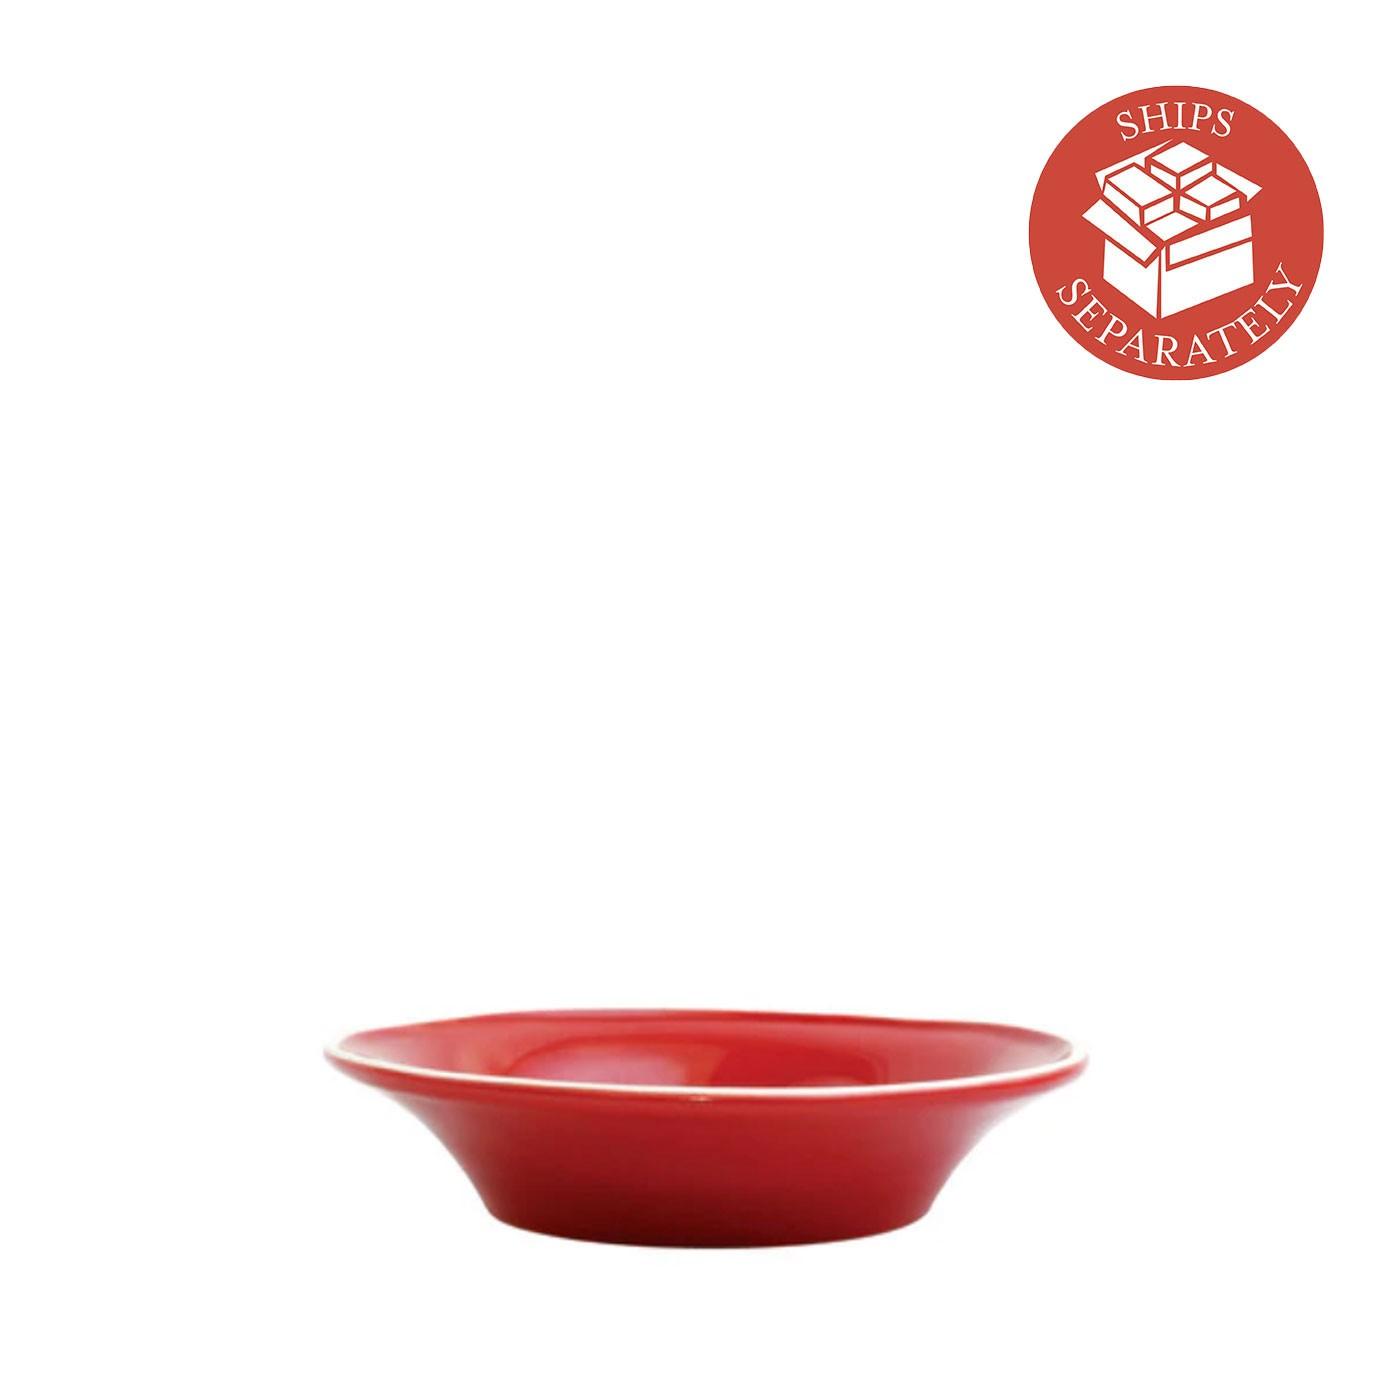 Chroma Red Bowl - Vietri   Eataly.com